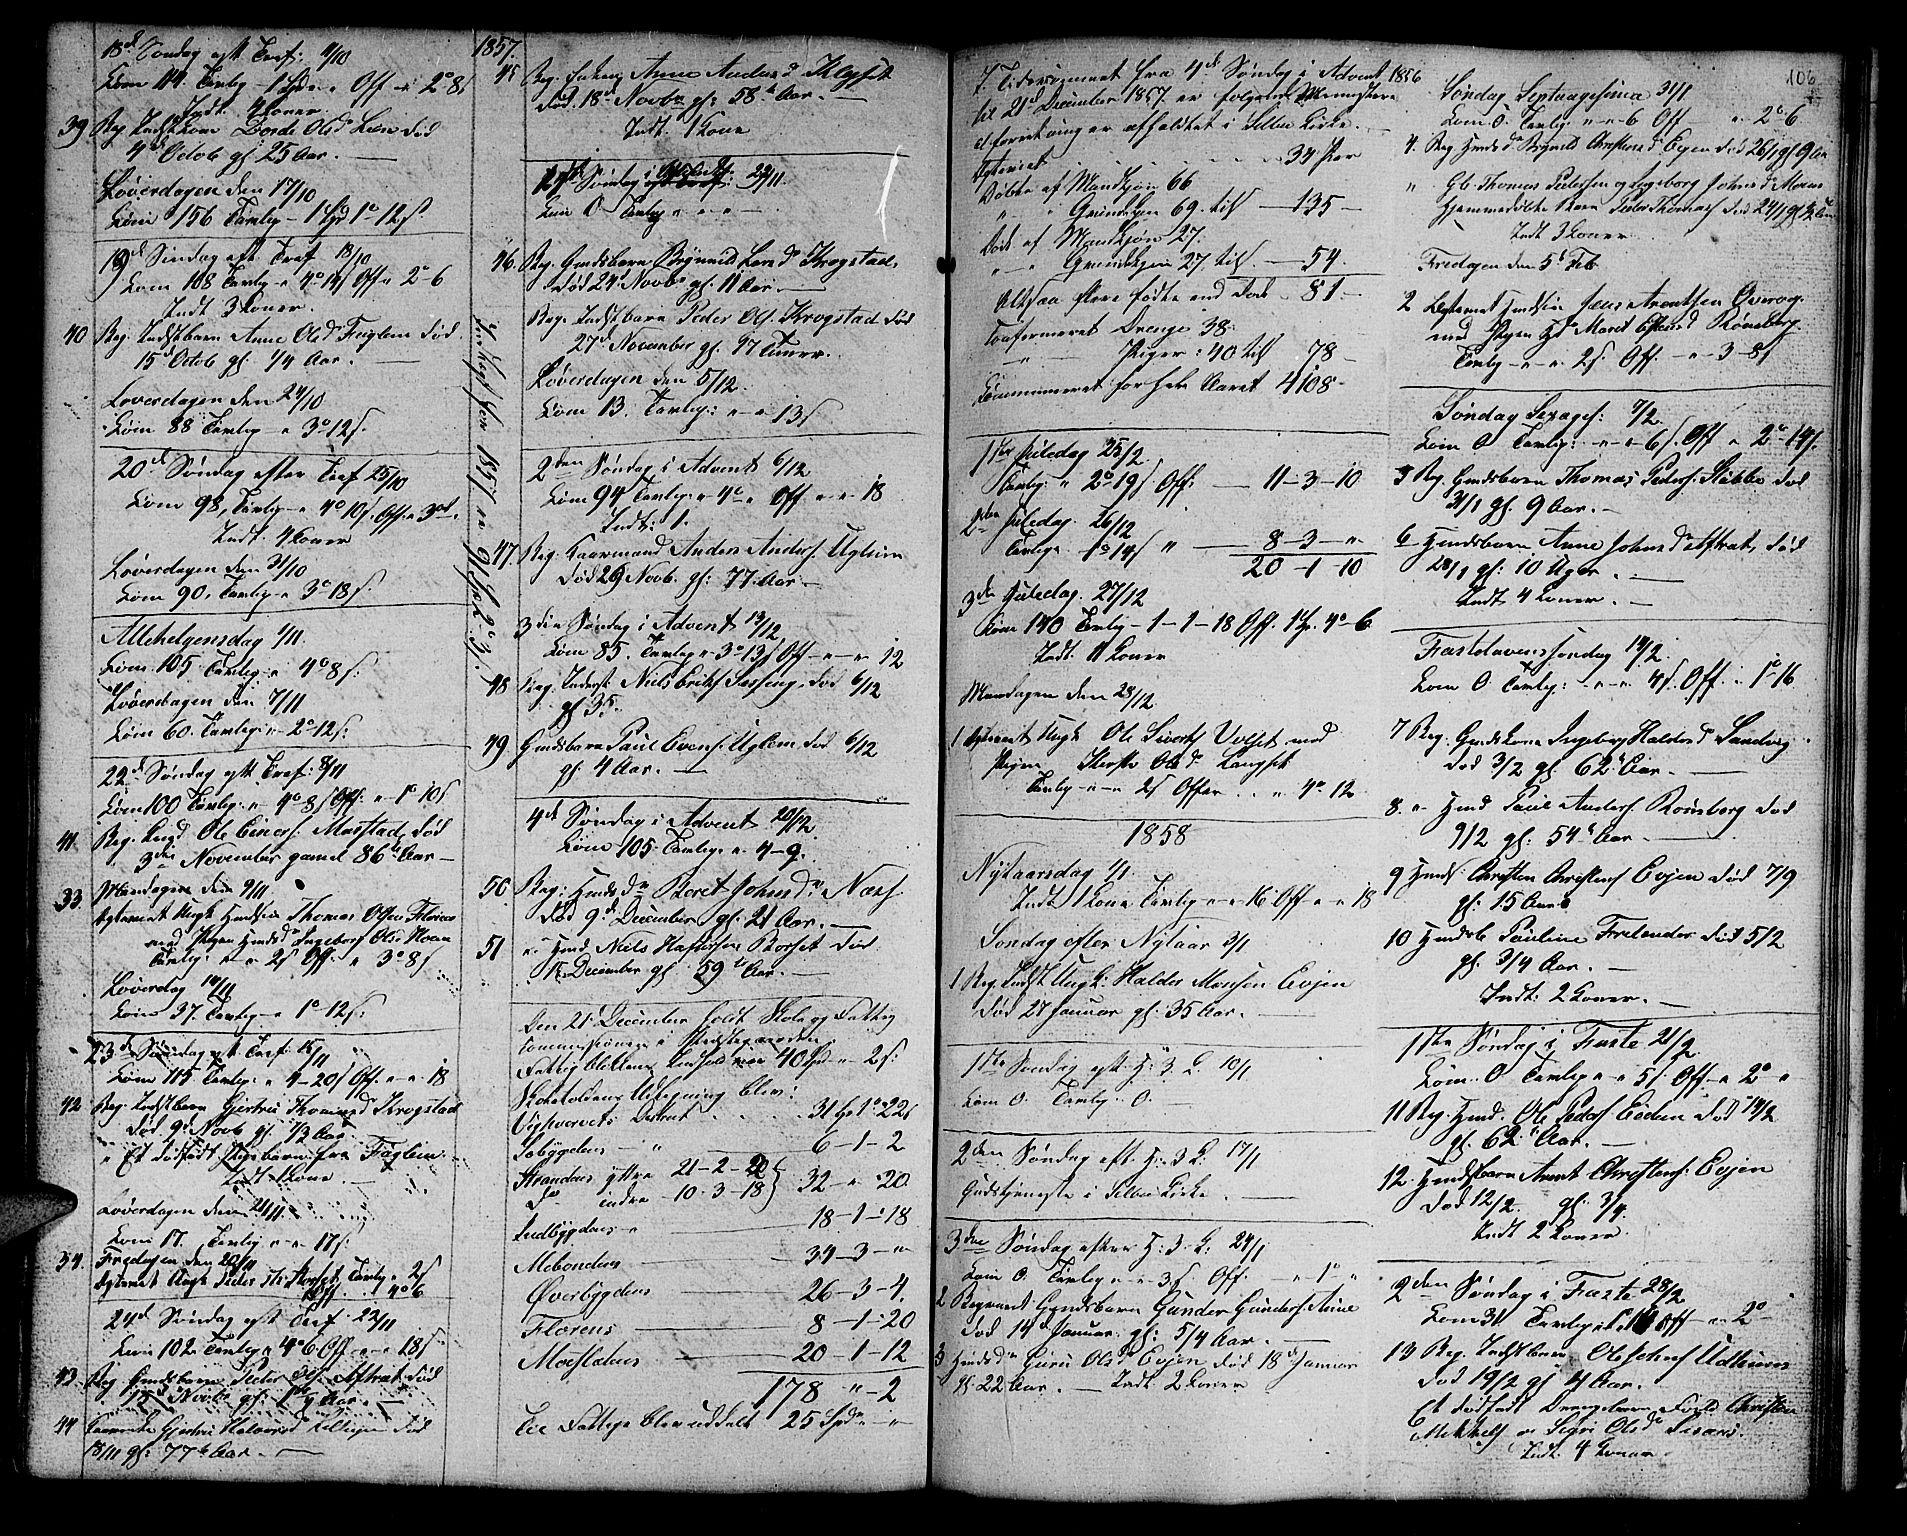 SAT, Ministerialprotokoller, klokkerbøker og fødselsregistre - Sør-Trøndelag, 695/L1154: Klokkerbok nr. 695C05, 1842-1858, s. 106